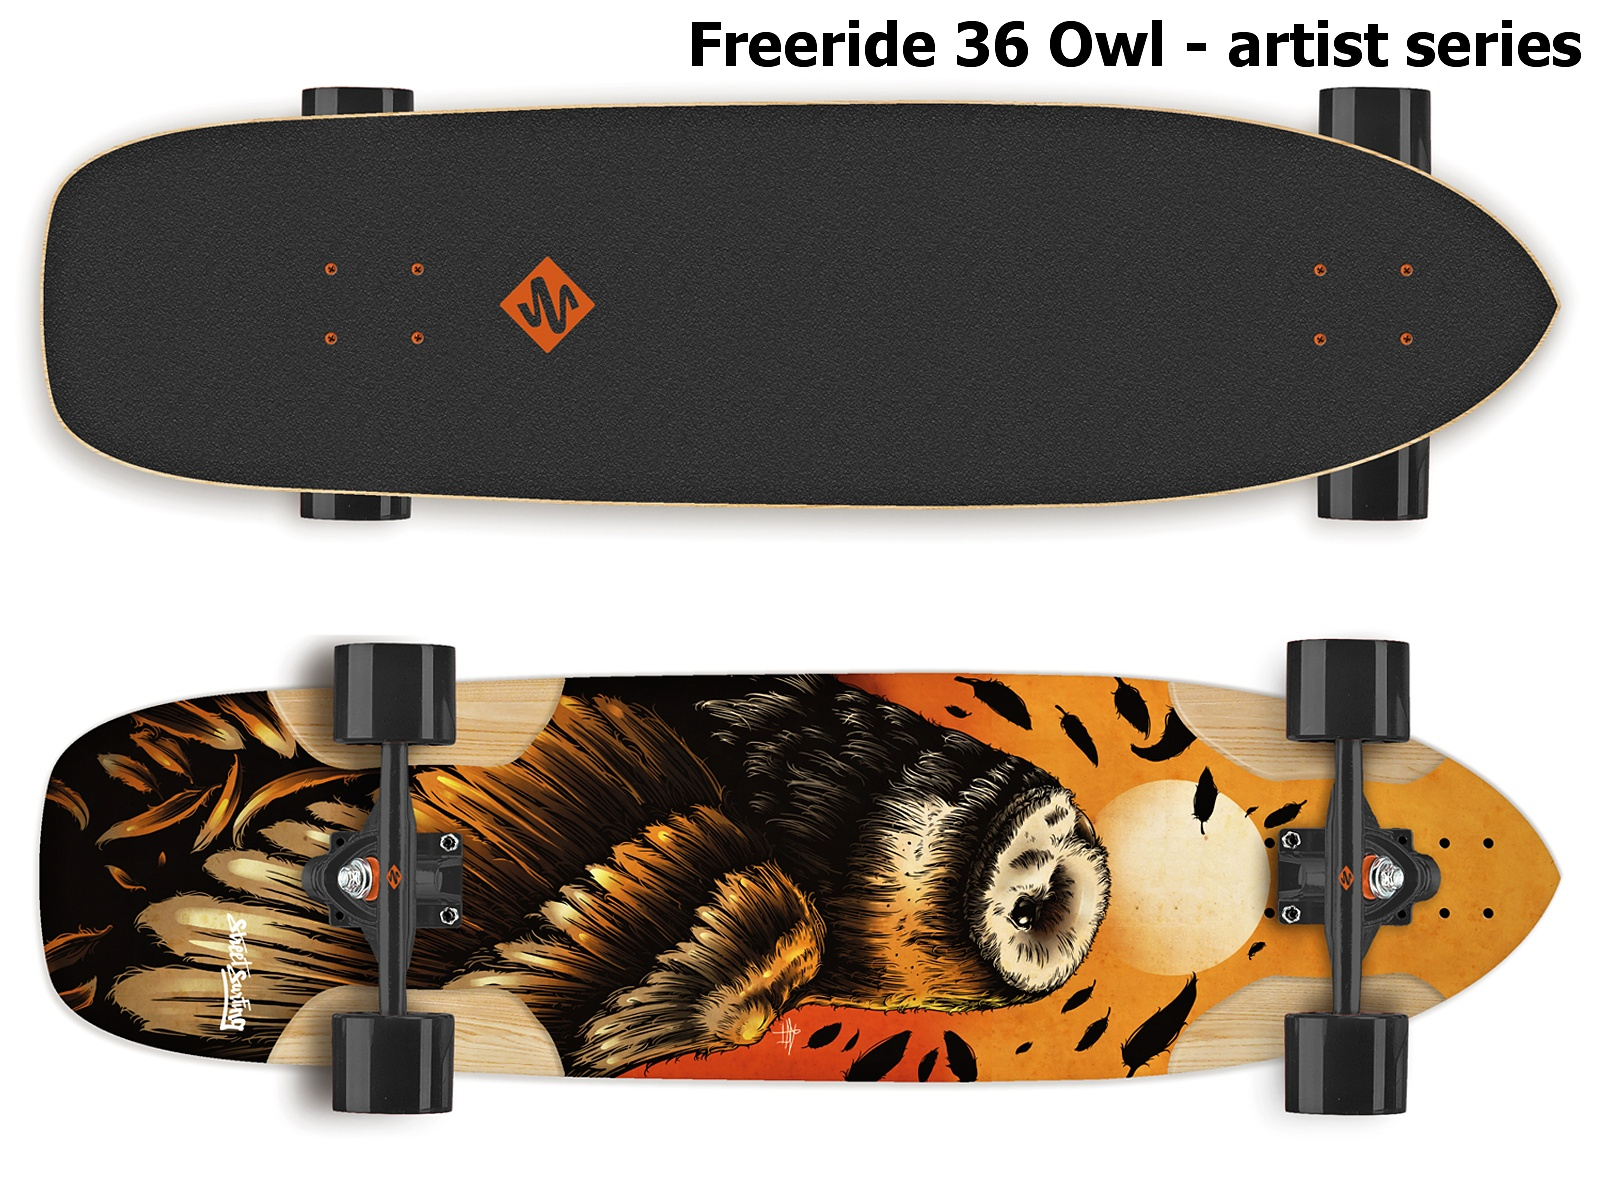 Longboard STREET SURFING Freeride 36 Owl